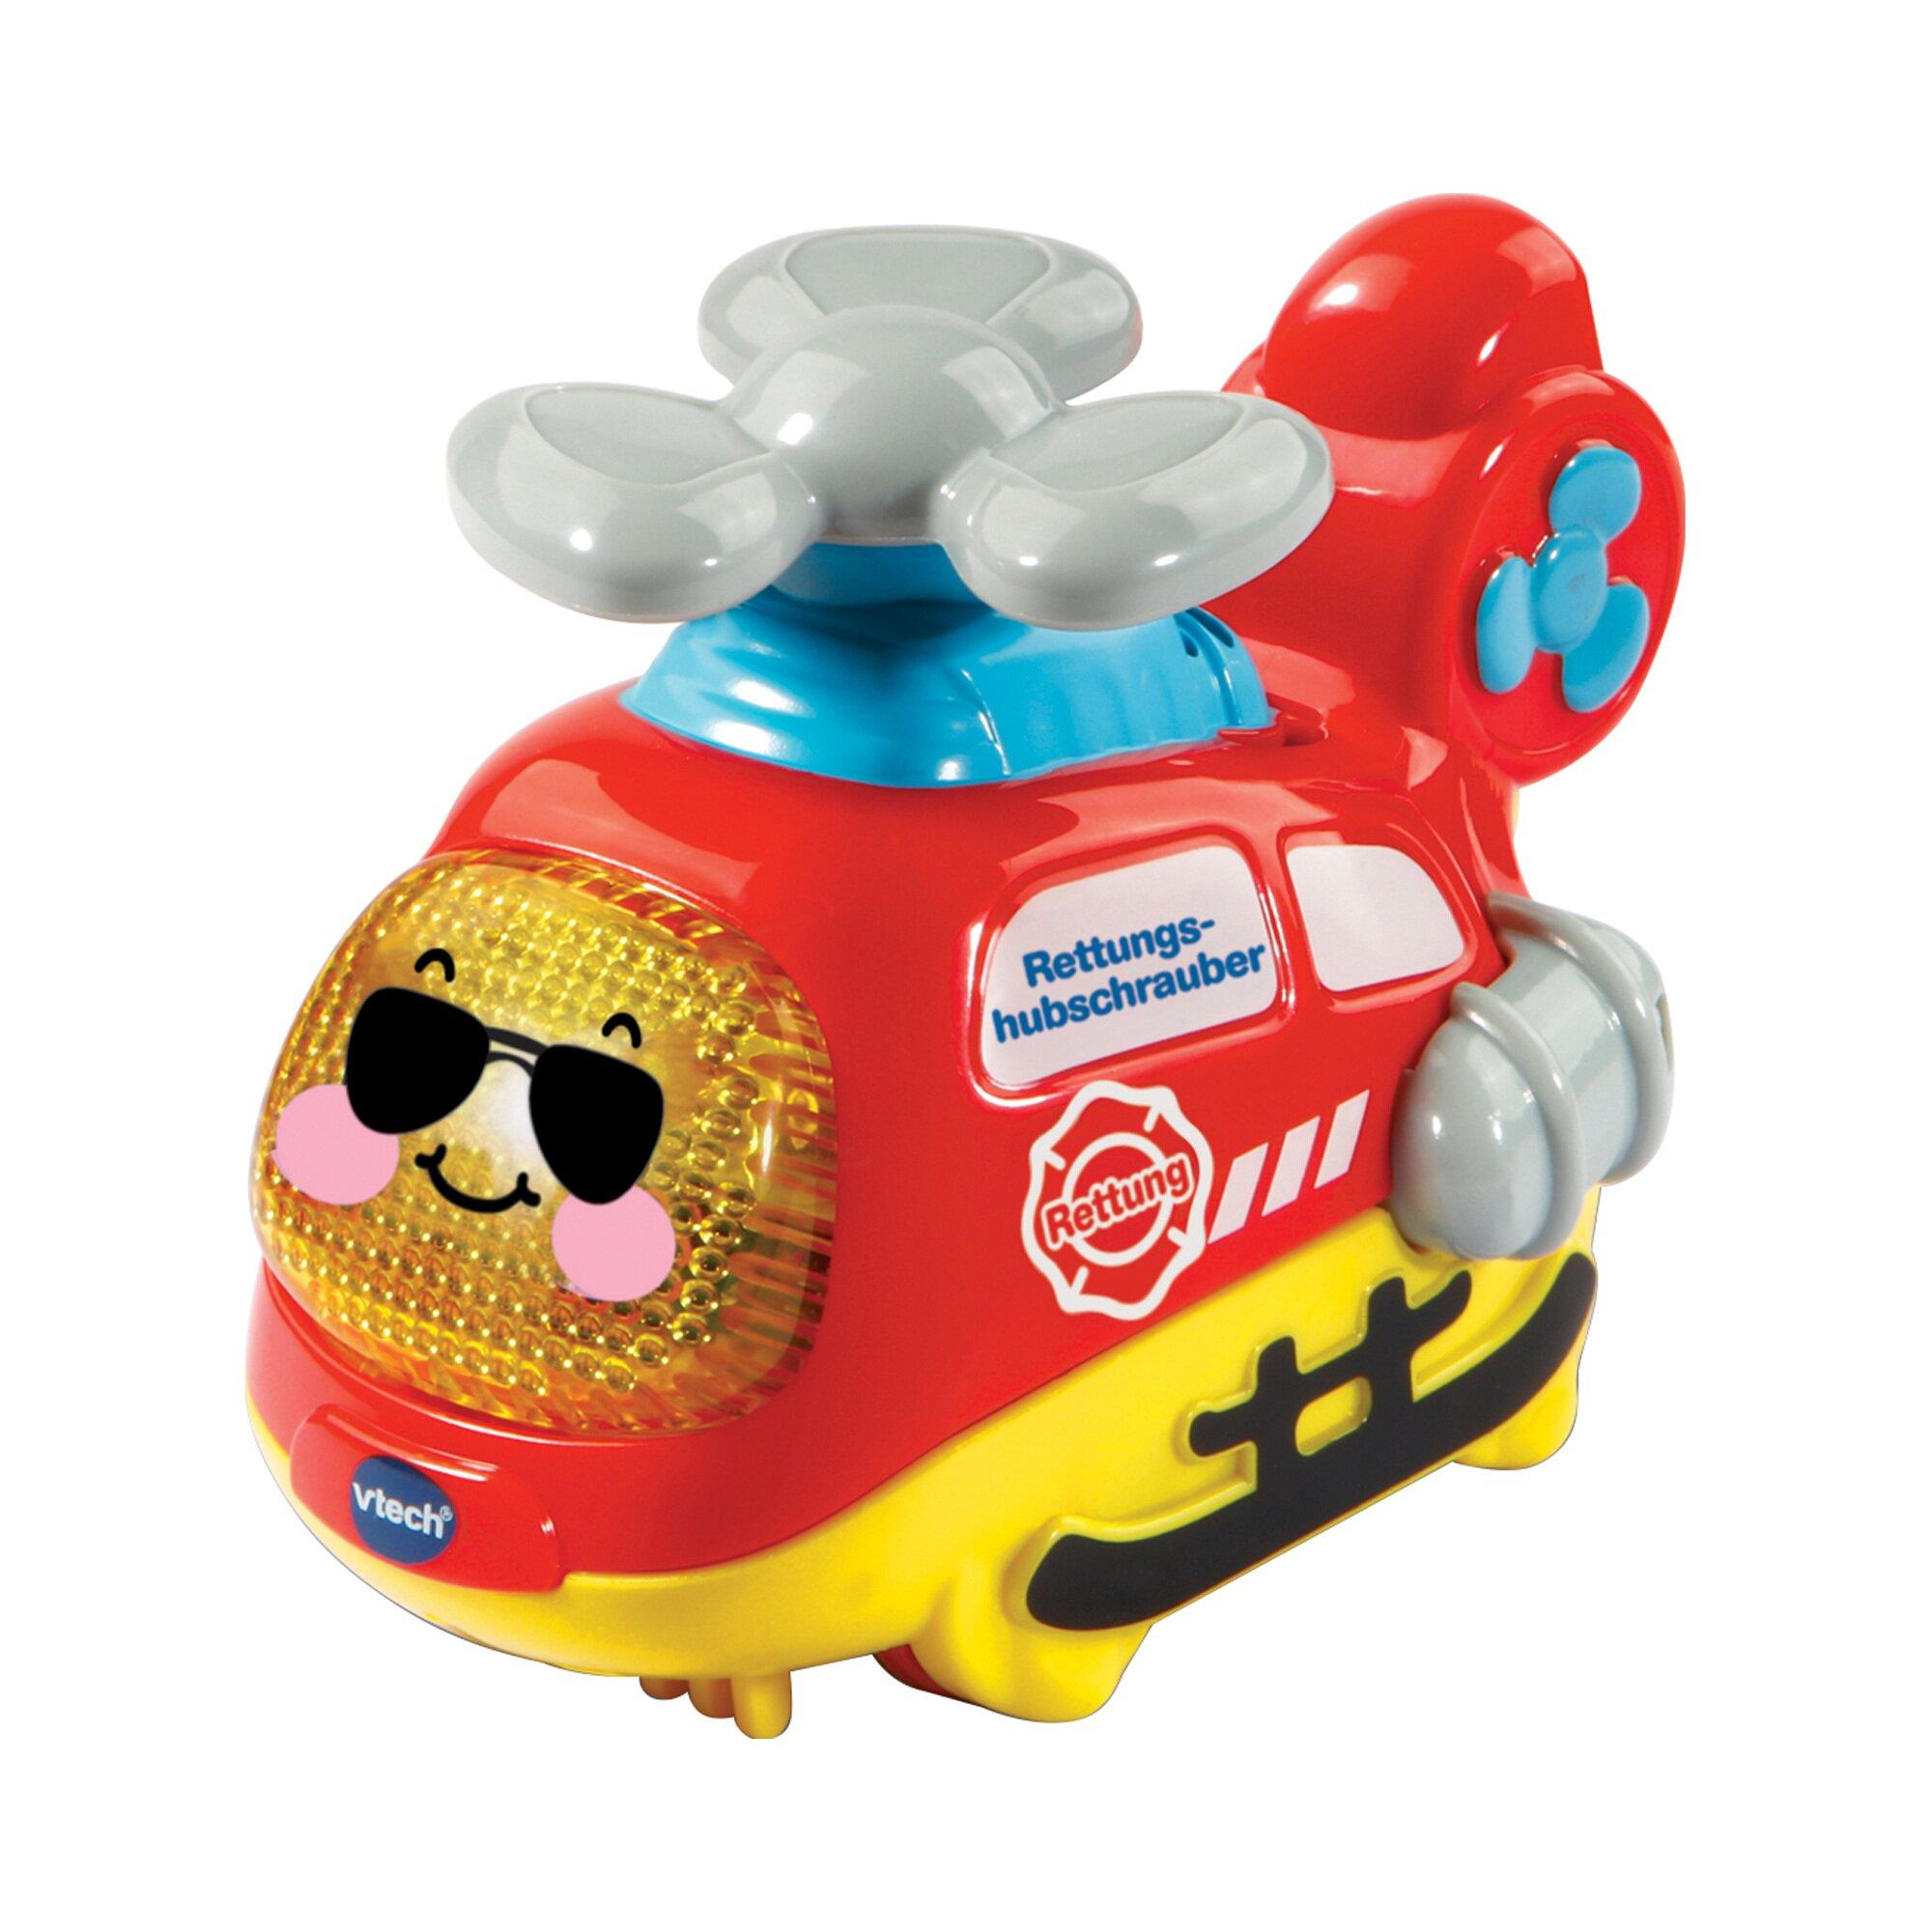 Tut Tut Baby Flitzer Rettungshubschrauber